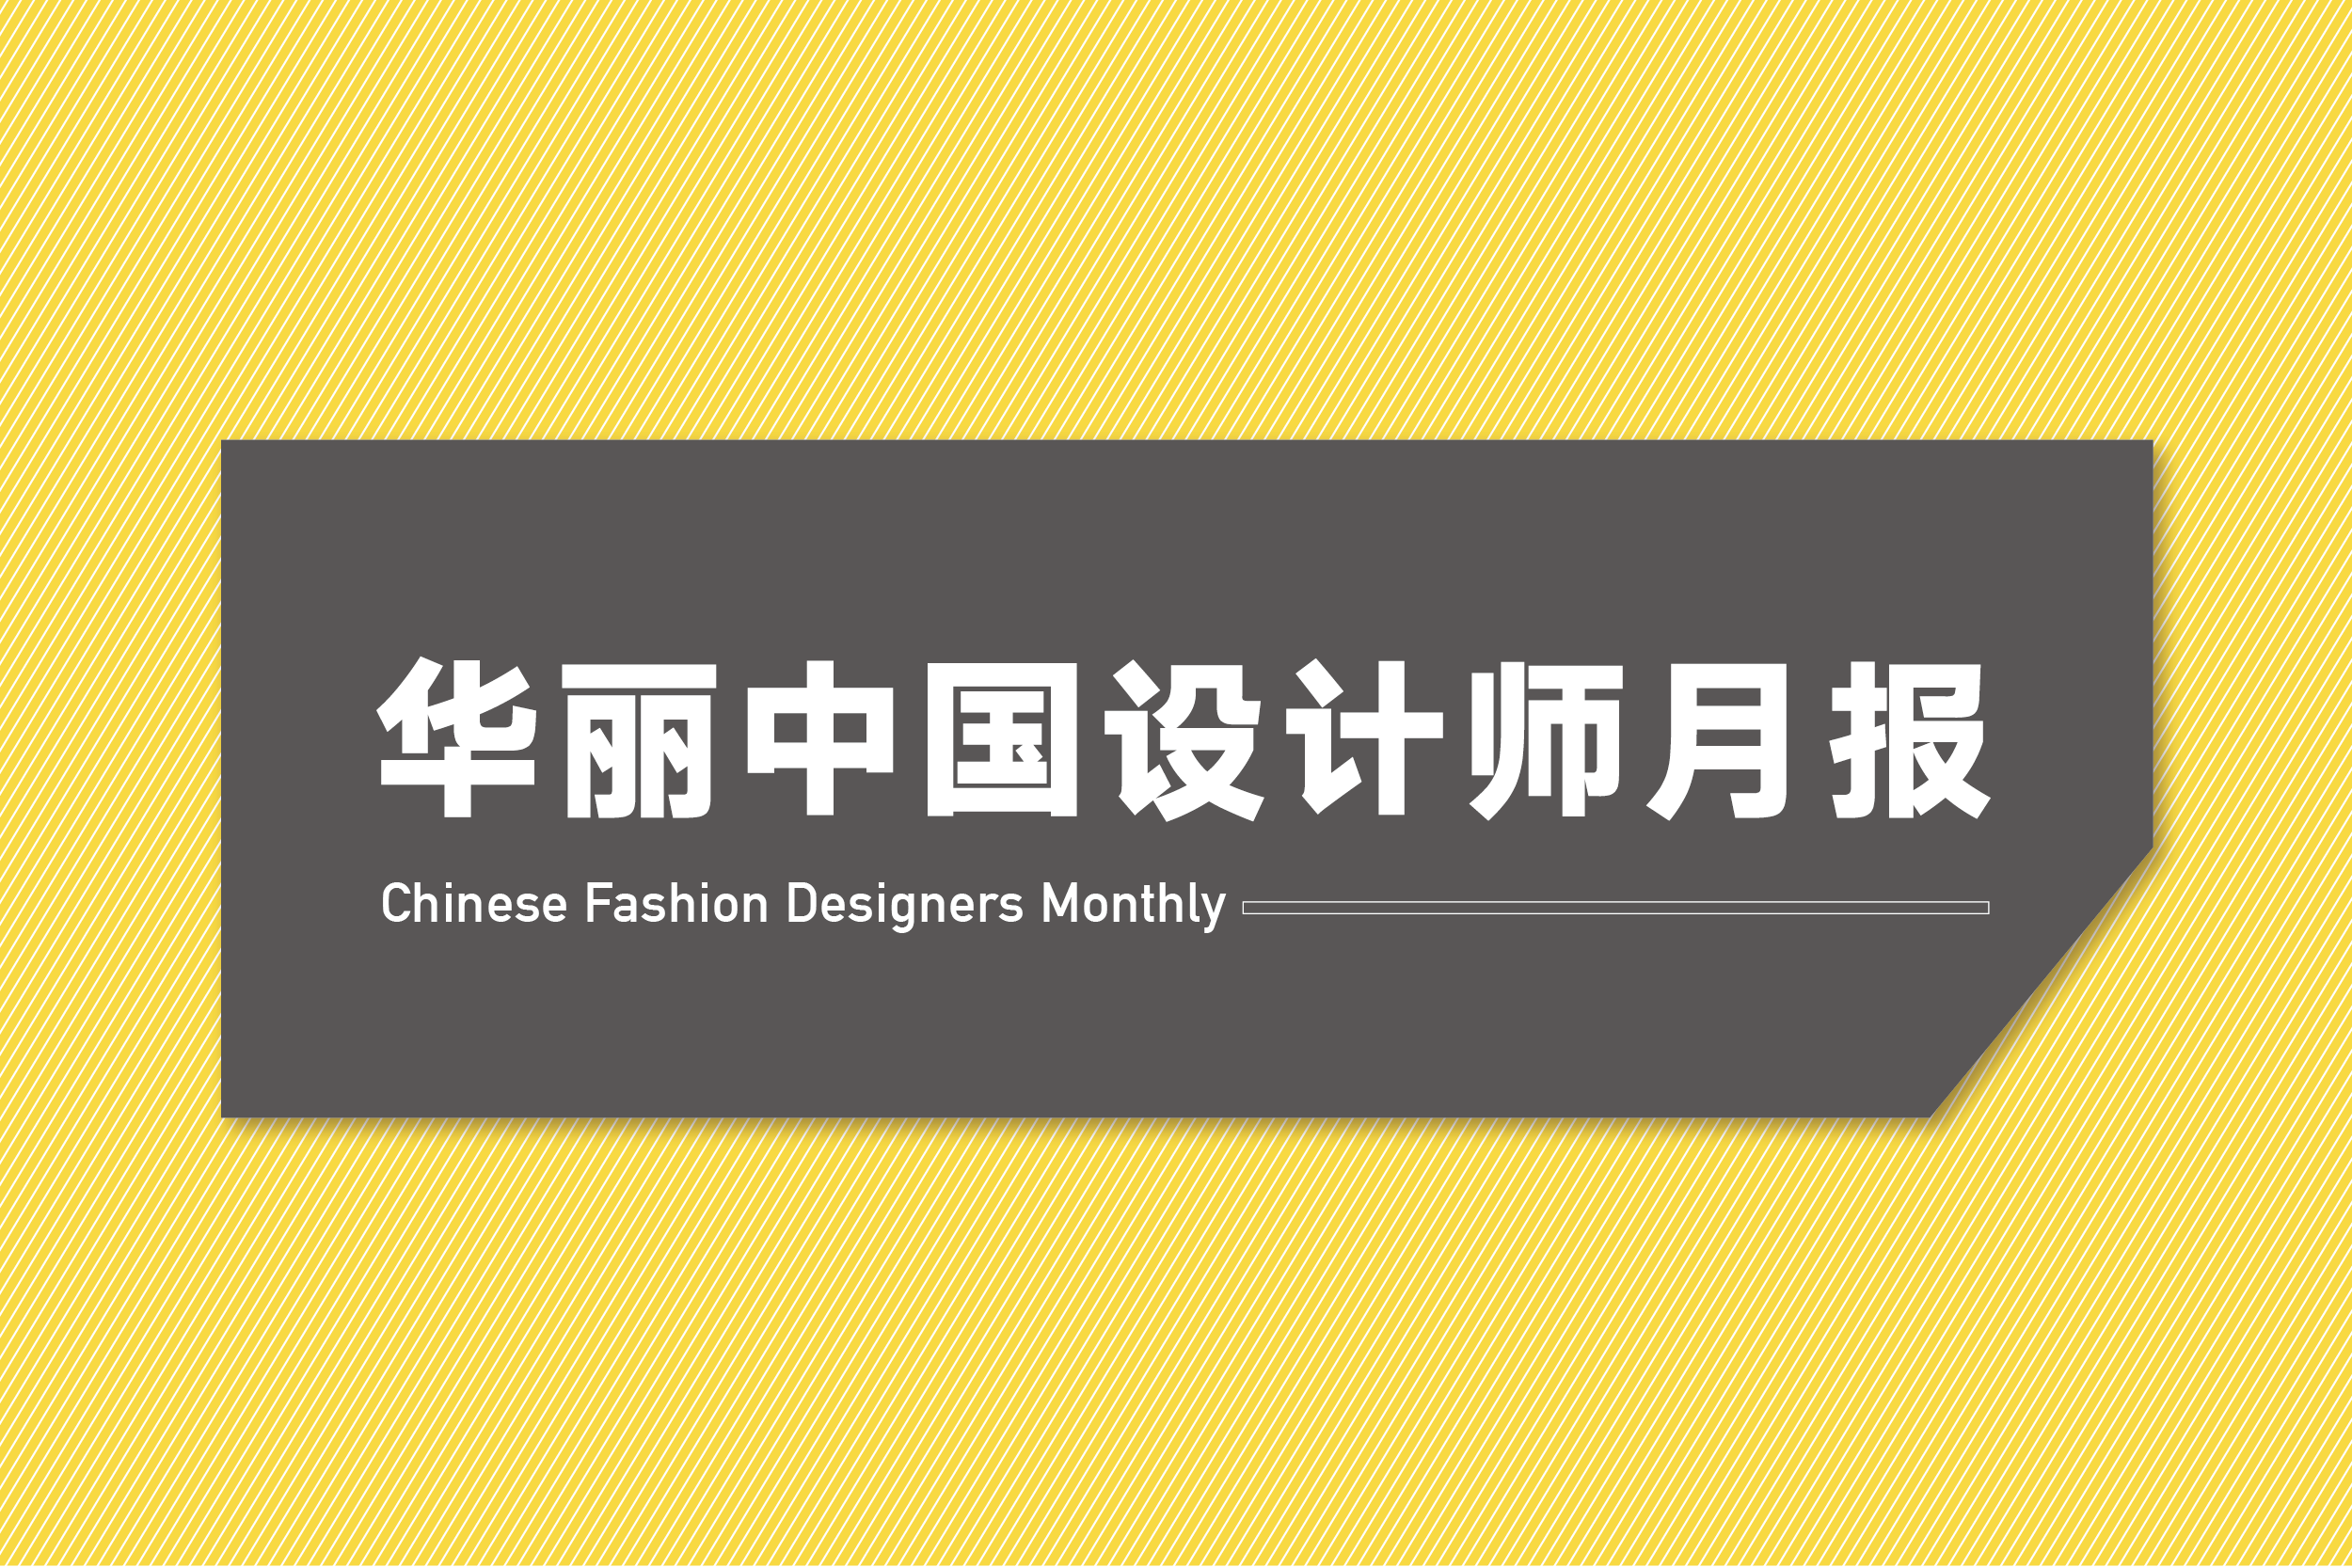 华丽中国设计师月报 2019年3月